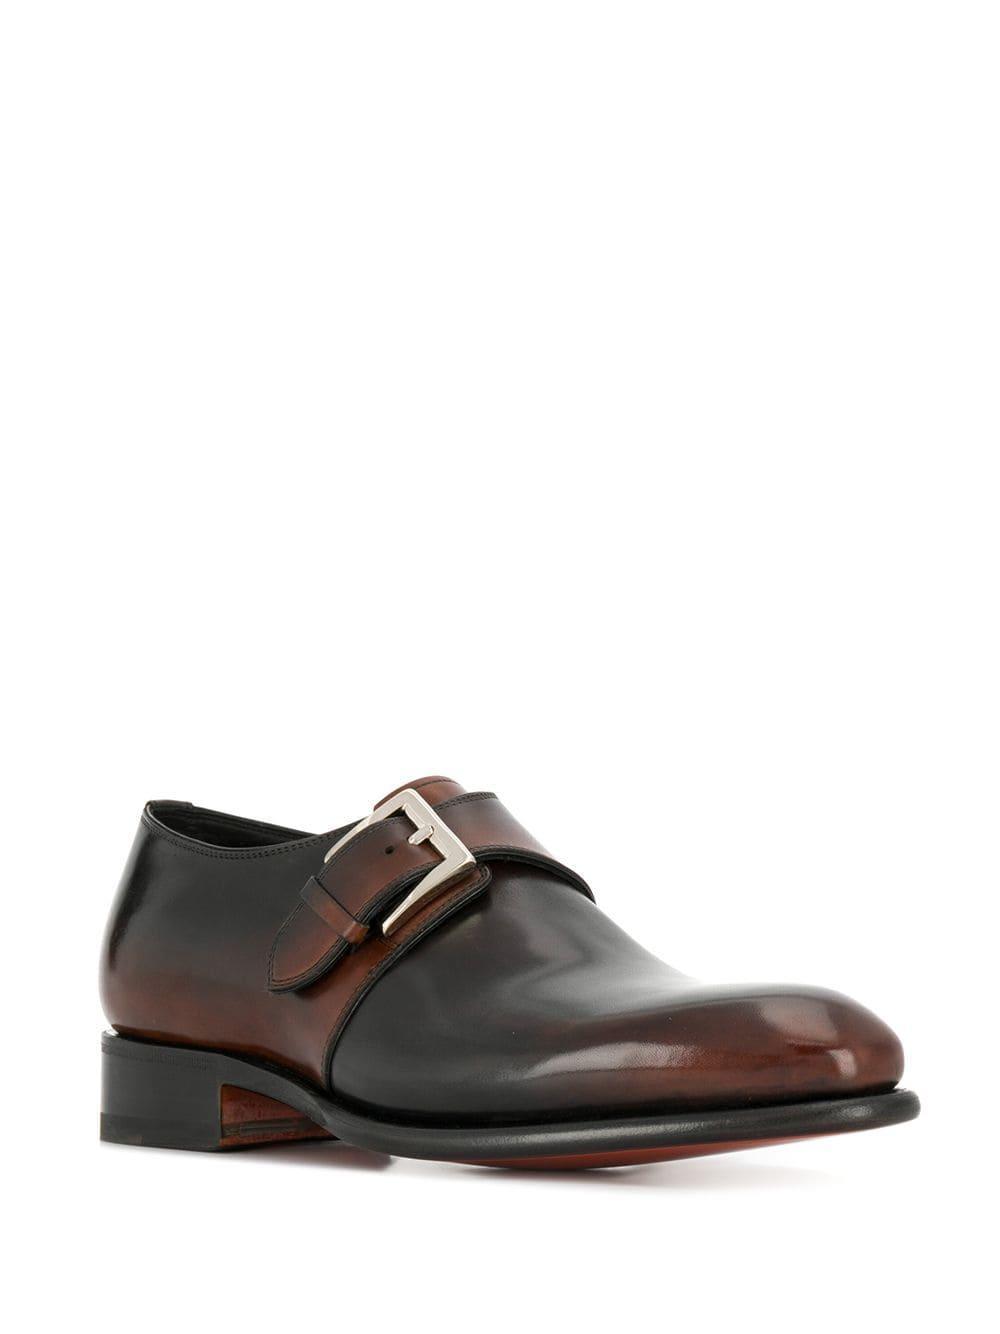 Two-tone monk shoes Santoni de Cuero de color Marrón para hombre